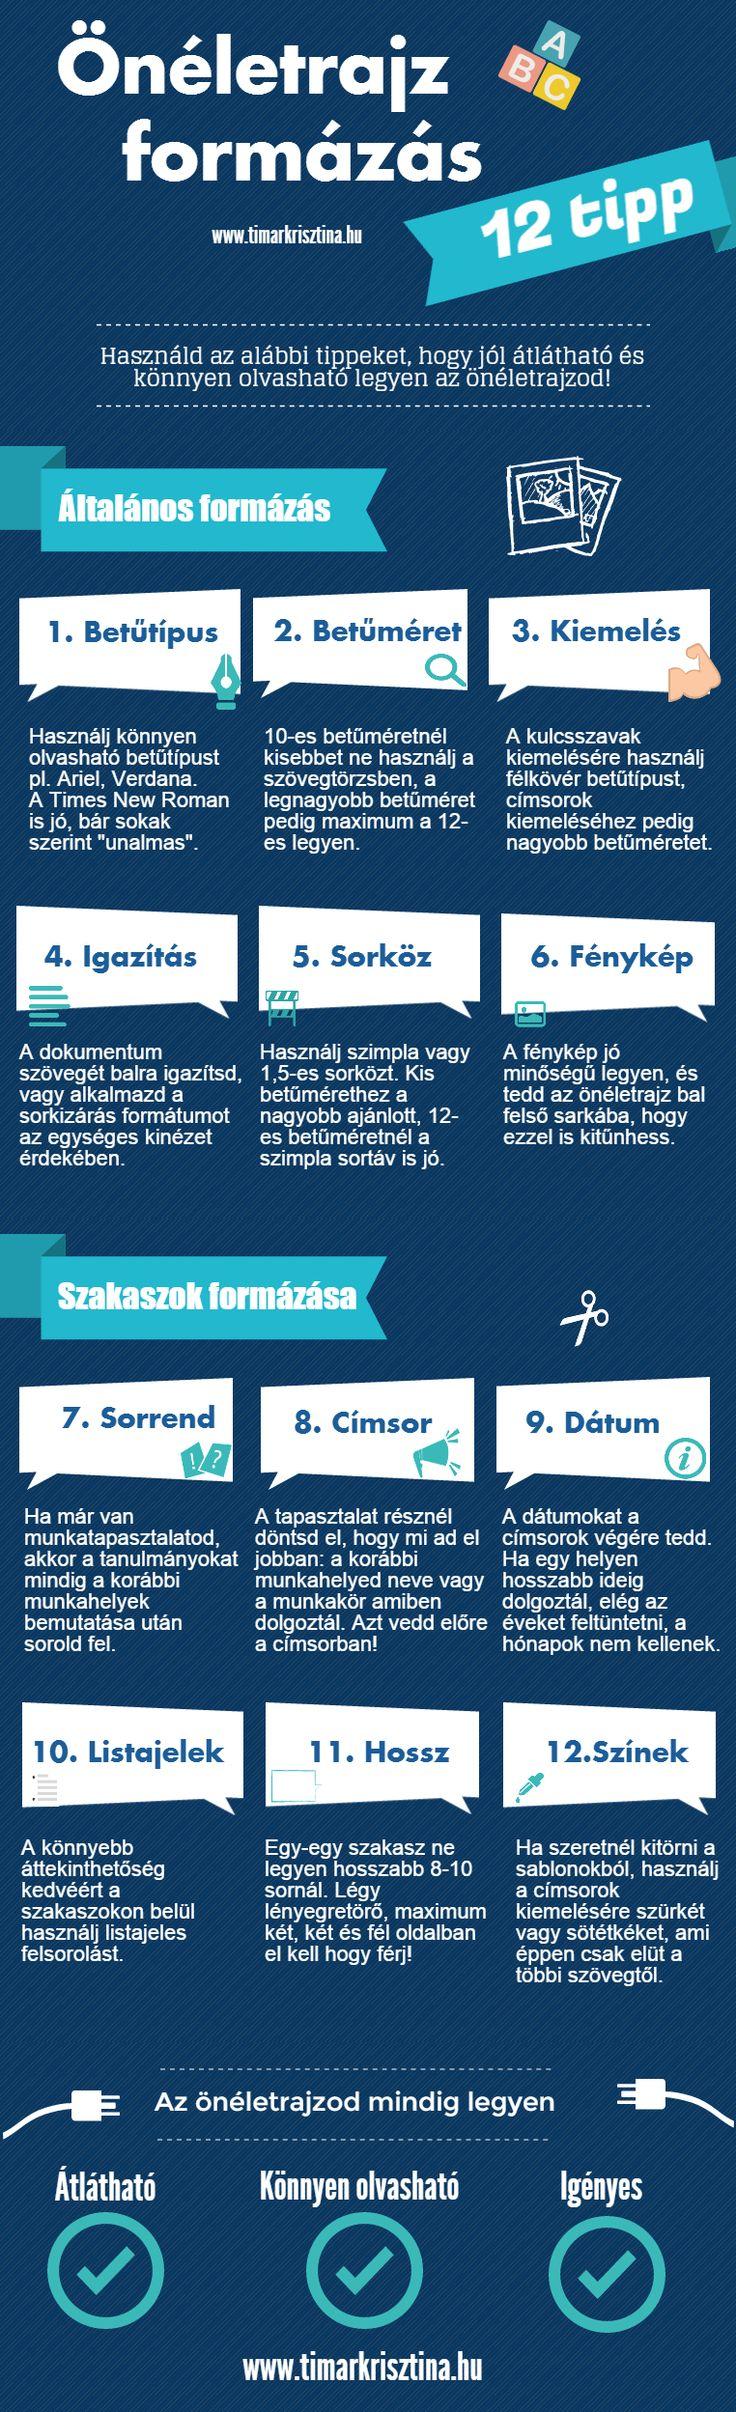 Hogyan legyen az önéletrajzod jól átlátható és könnyen olvasható? Kövesd ezt a 12 önéletrajz formázási tippet és a HR-esek kedvence leszel. #infografika #infographic #önéletrajz #cv #resume